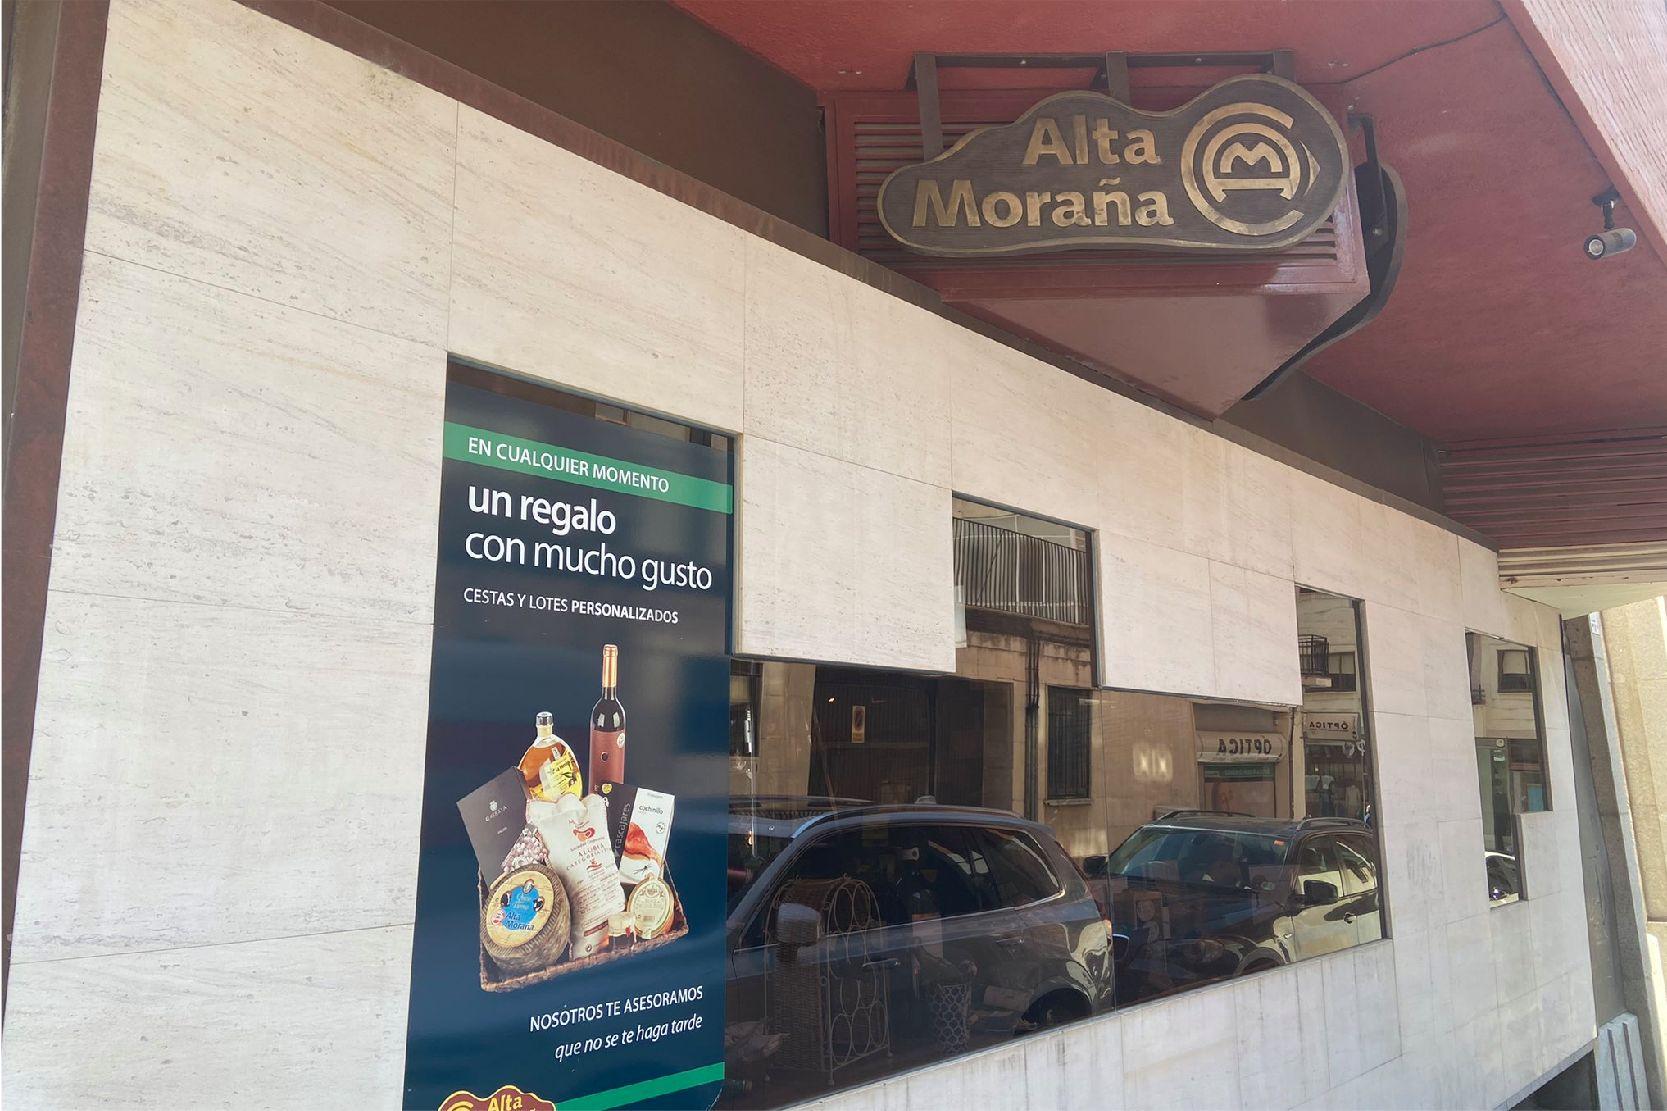 Tienda de Alta Moraña en Ávila.